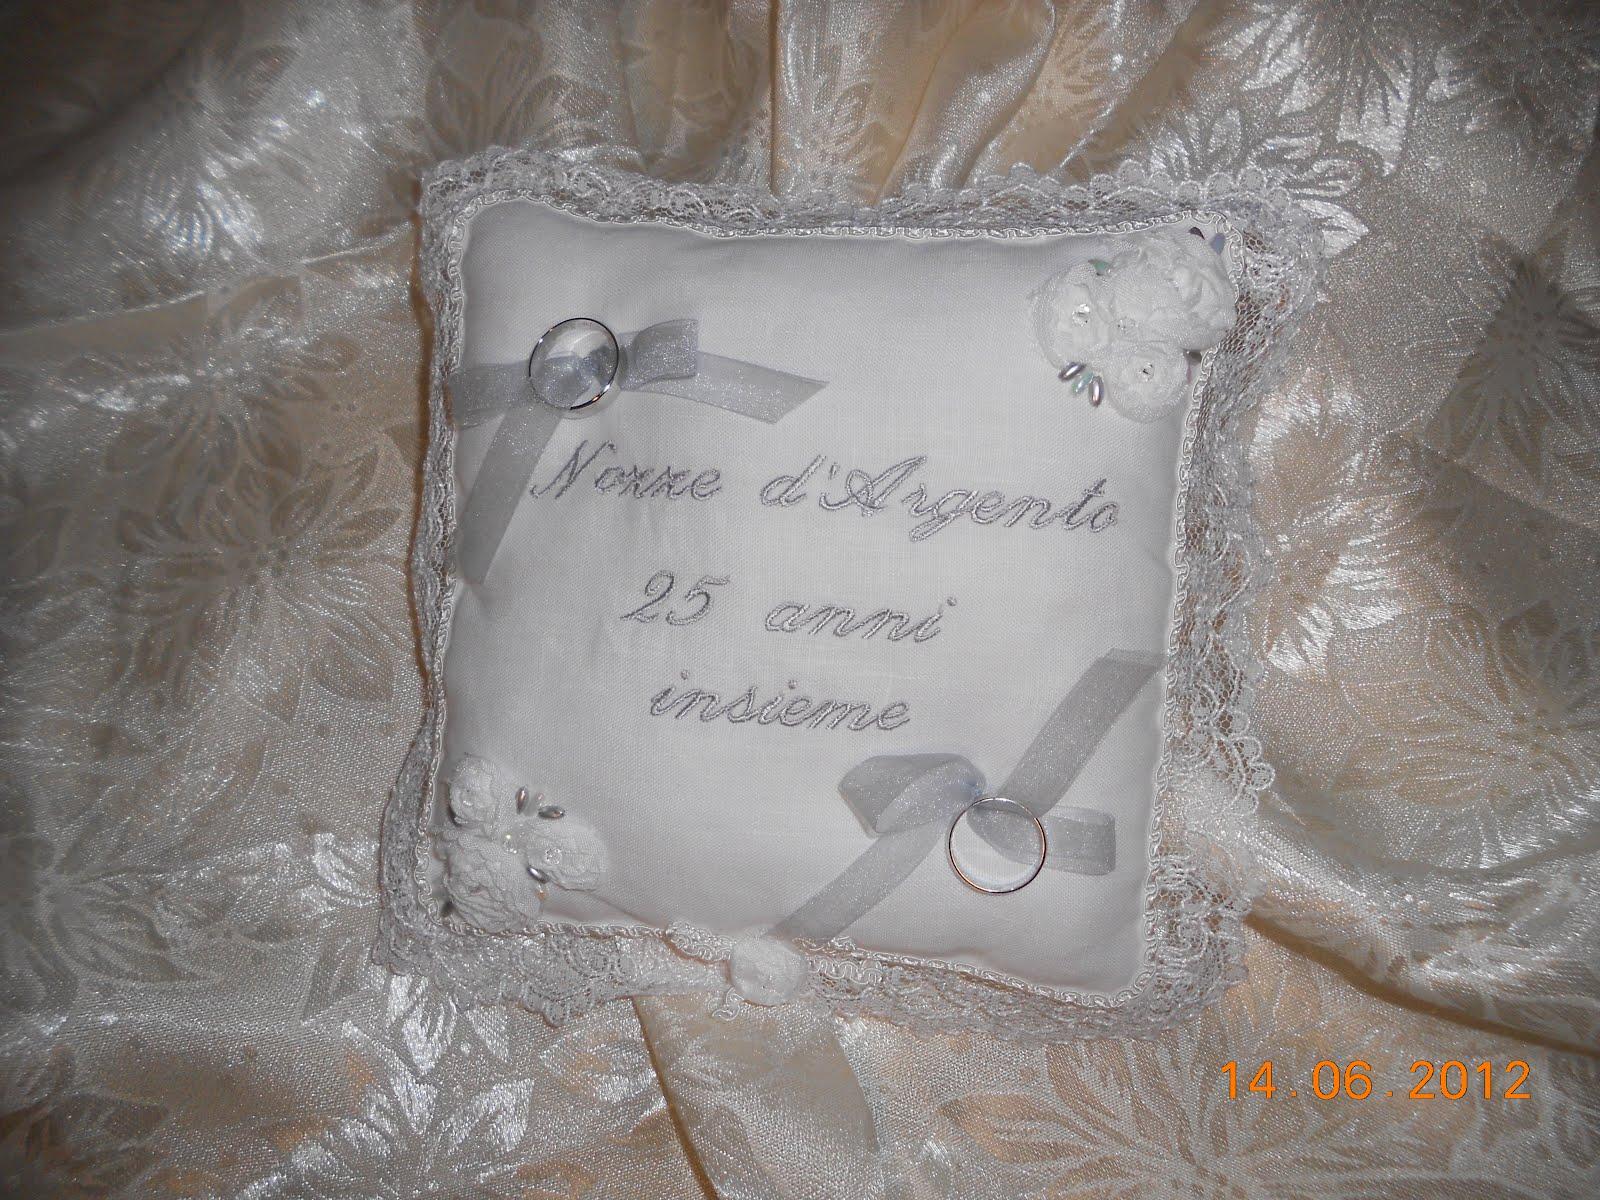 Conosciuto Sacchettini Per 25 Anni Di Matrimonio SA13 » Regardsdefemmes NB97